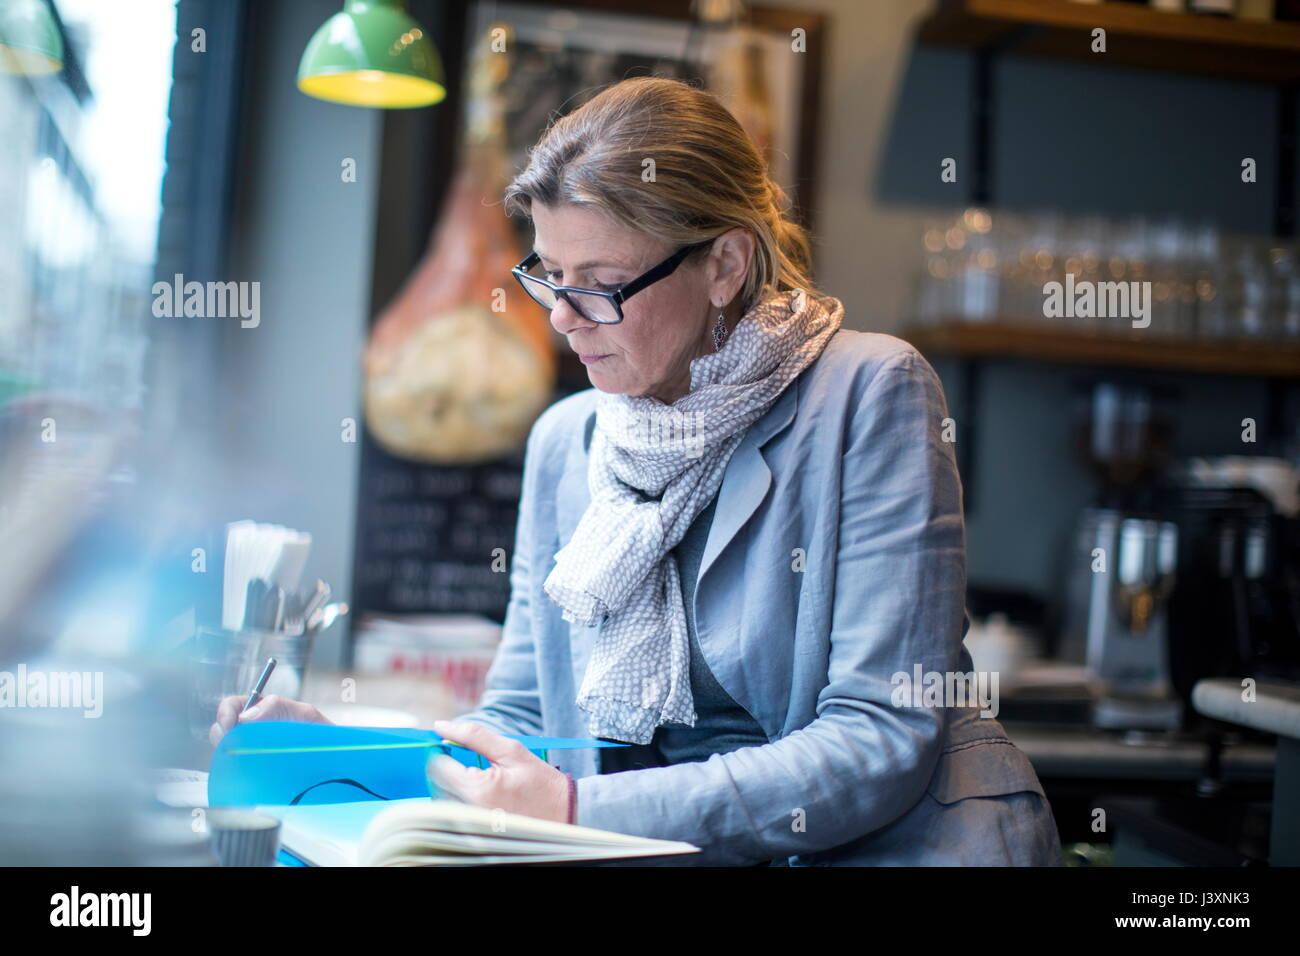 Empresaria madura haciendo papeleo en restaurante. Imagen De Stock